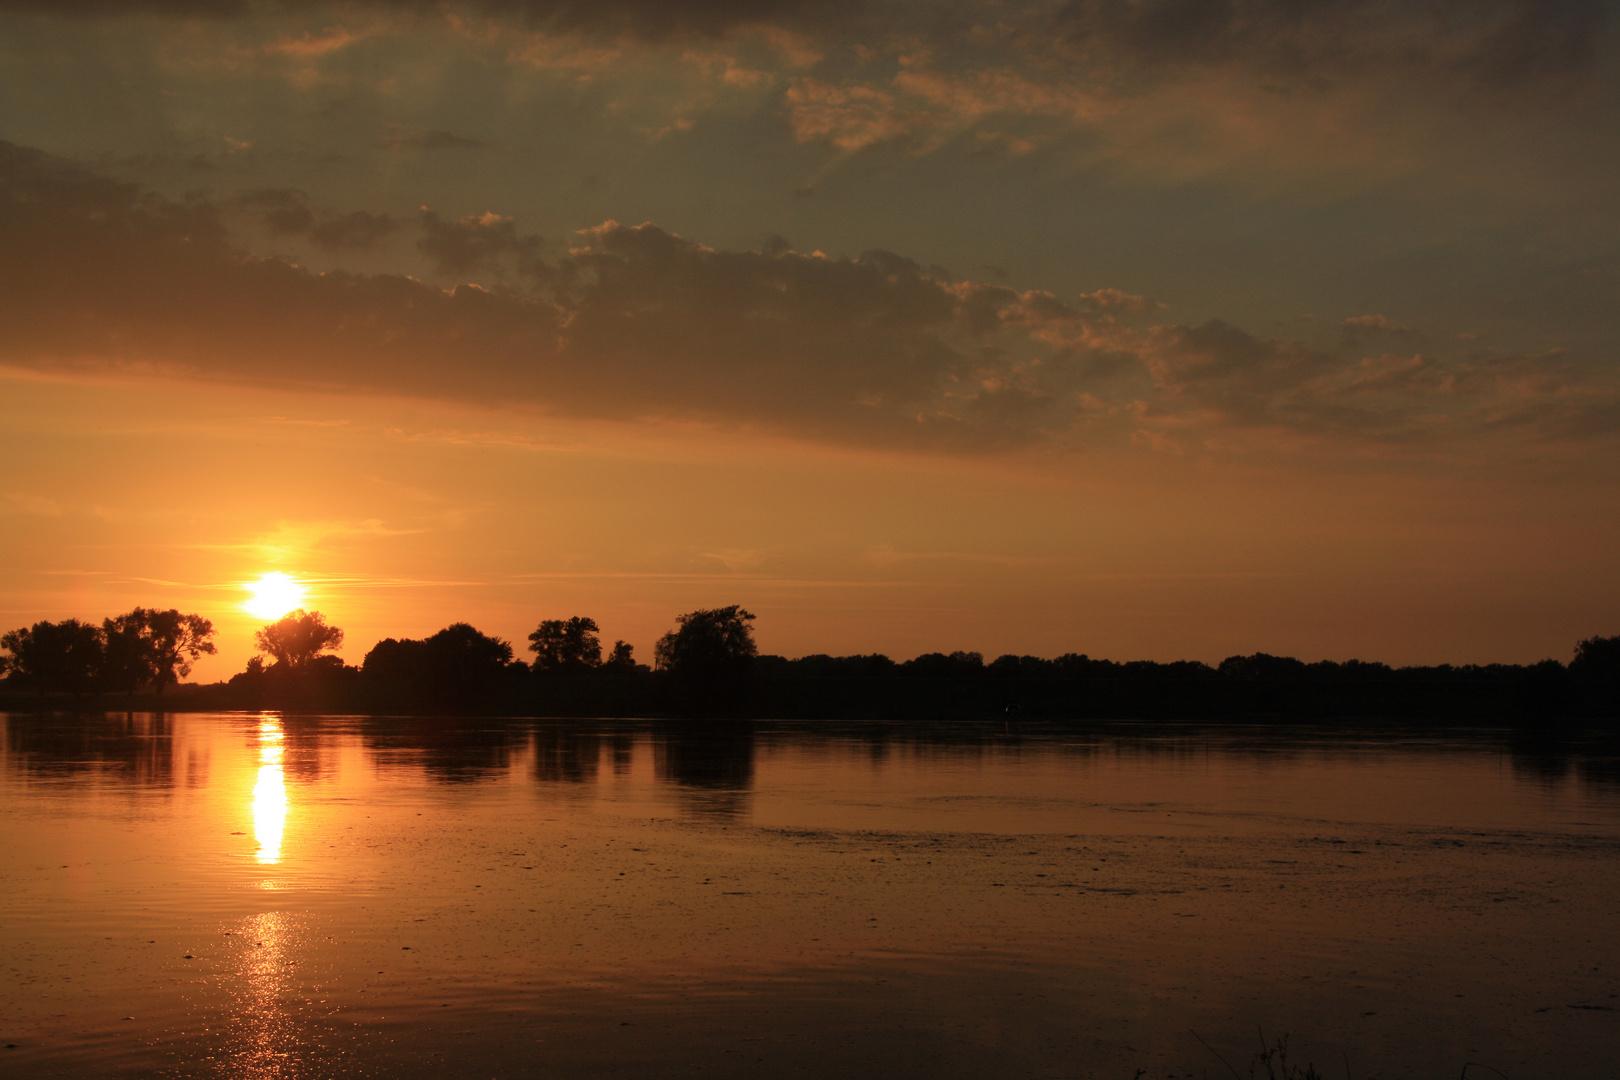 Ein Sommerabend am Fluss ....